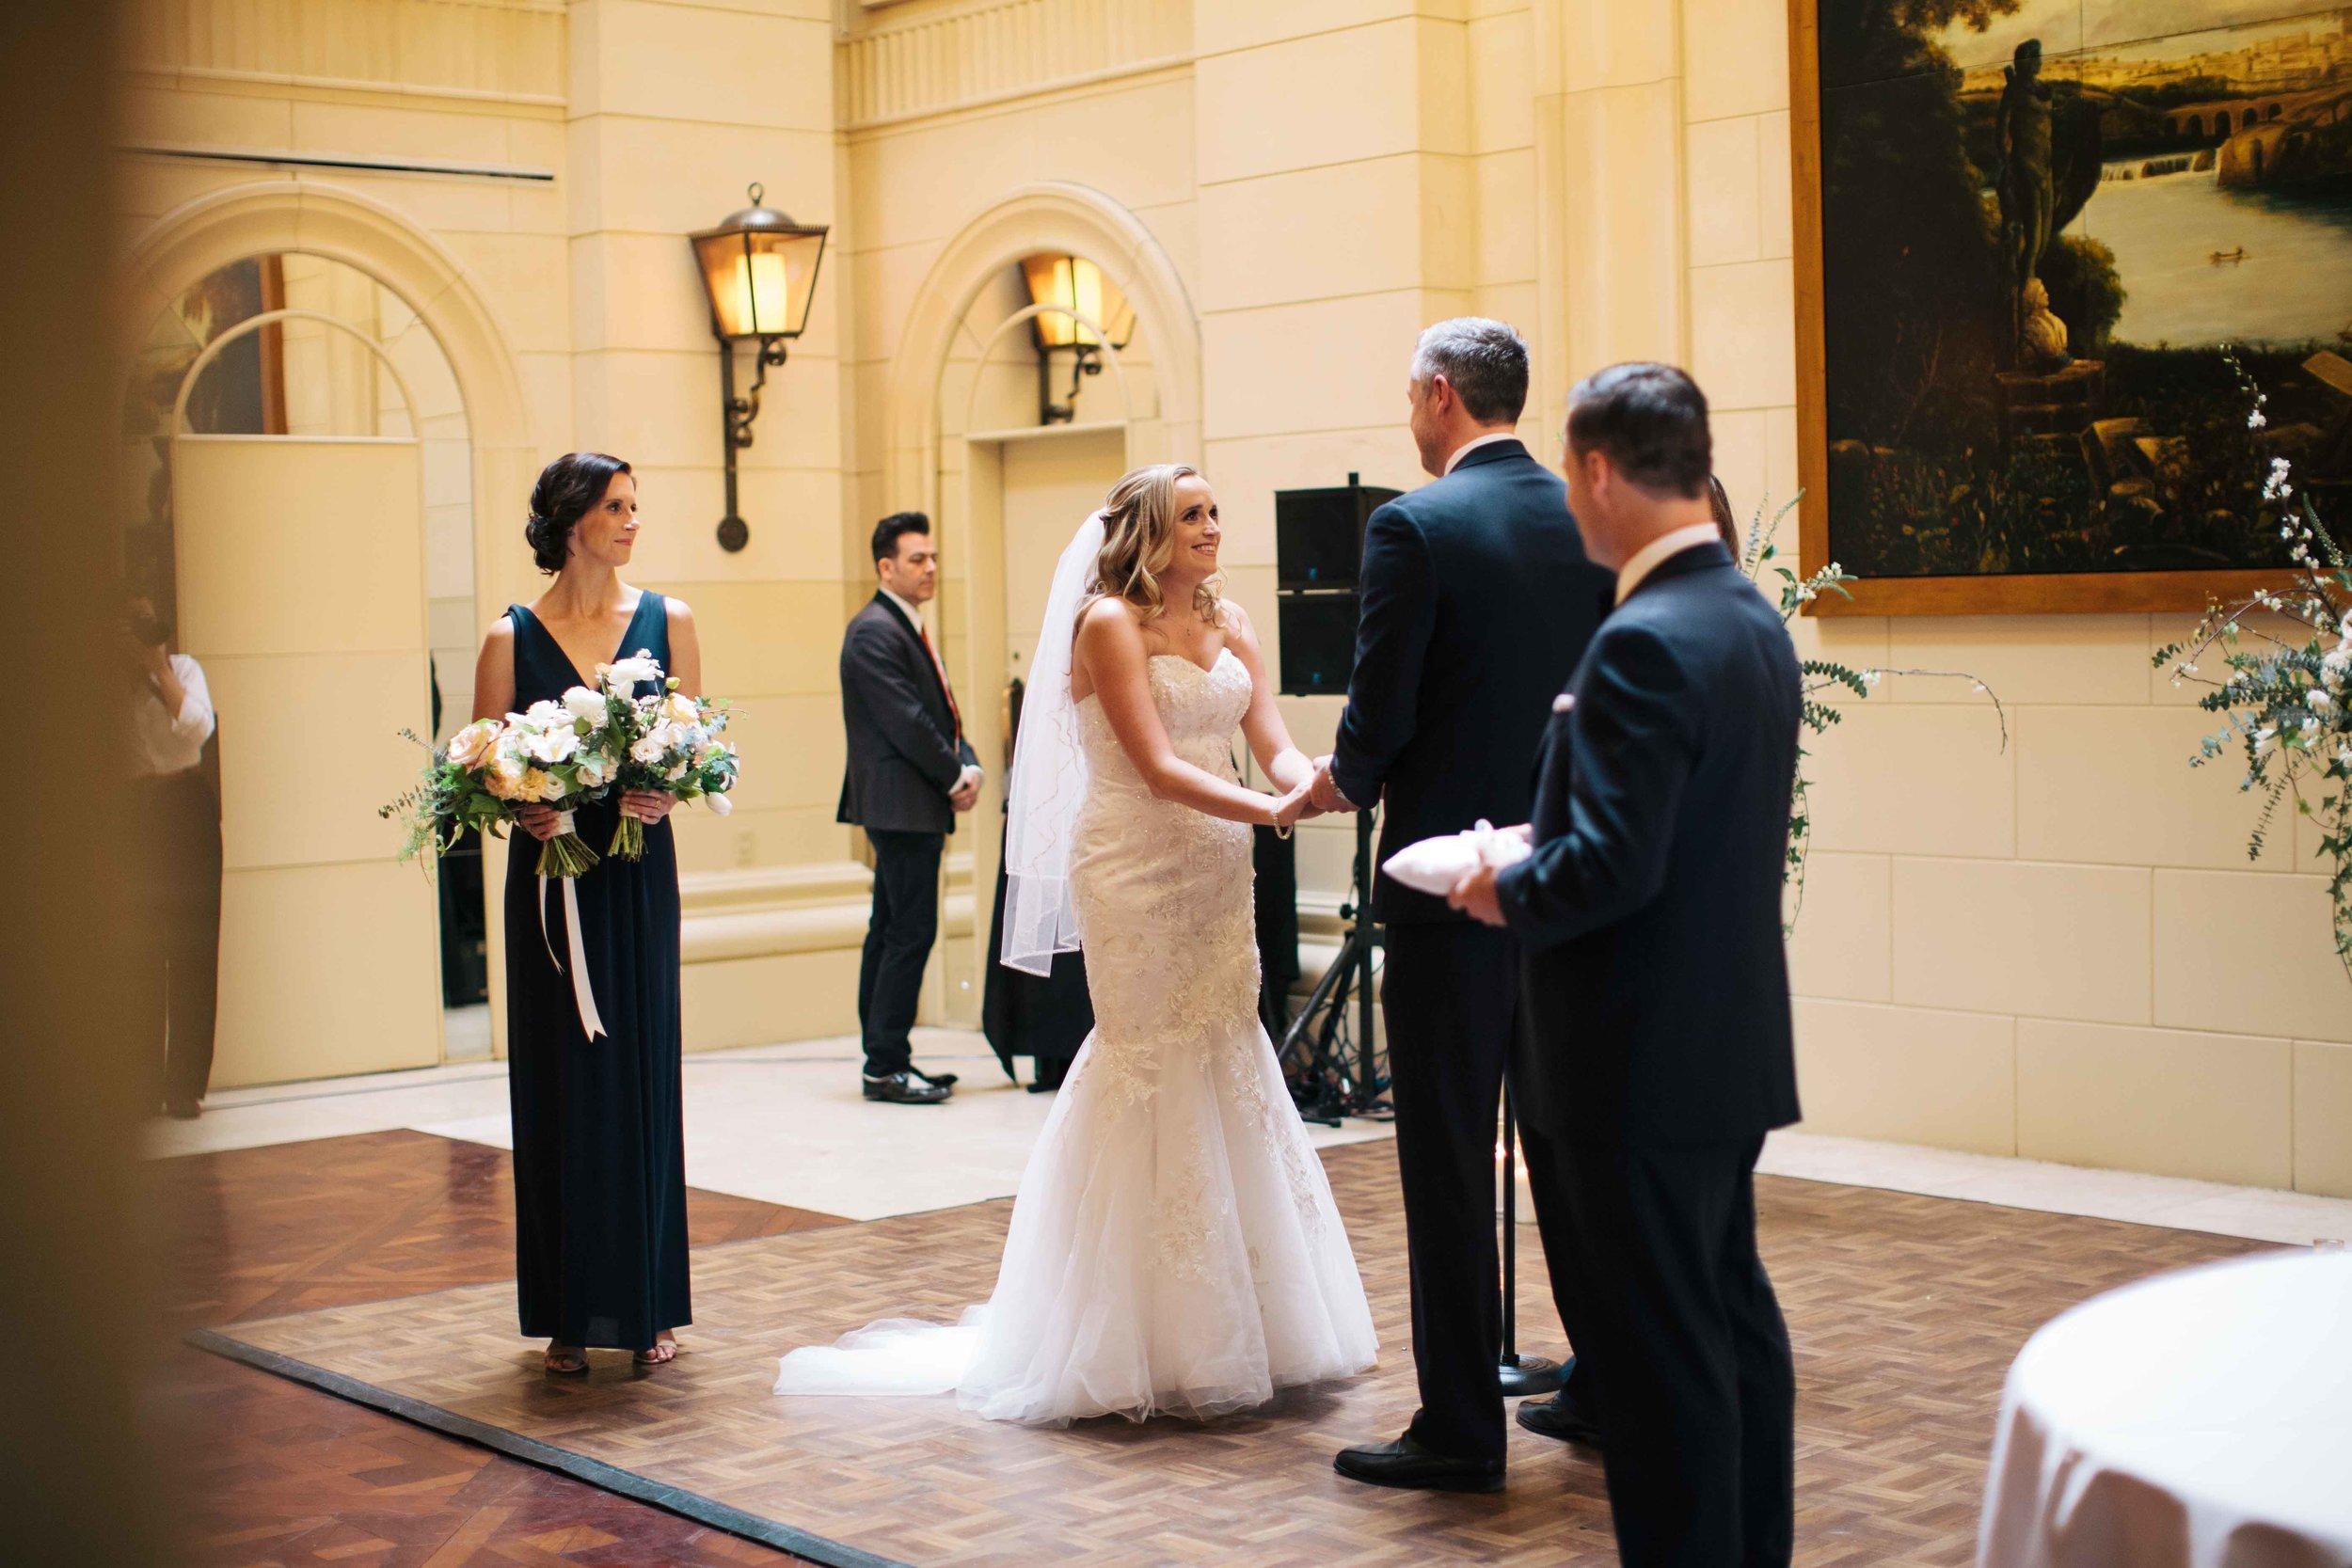 CHRIS_GEORGINA_WEDDING-46.jpg